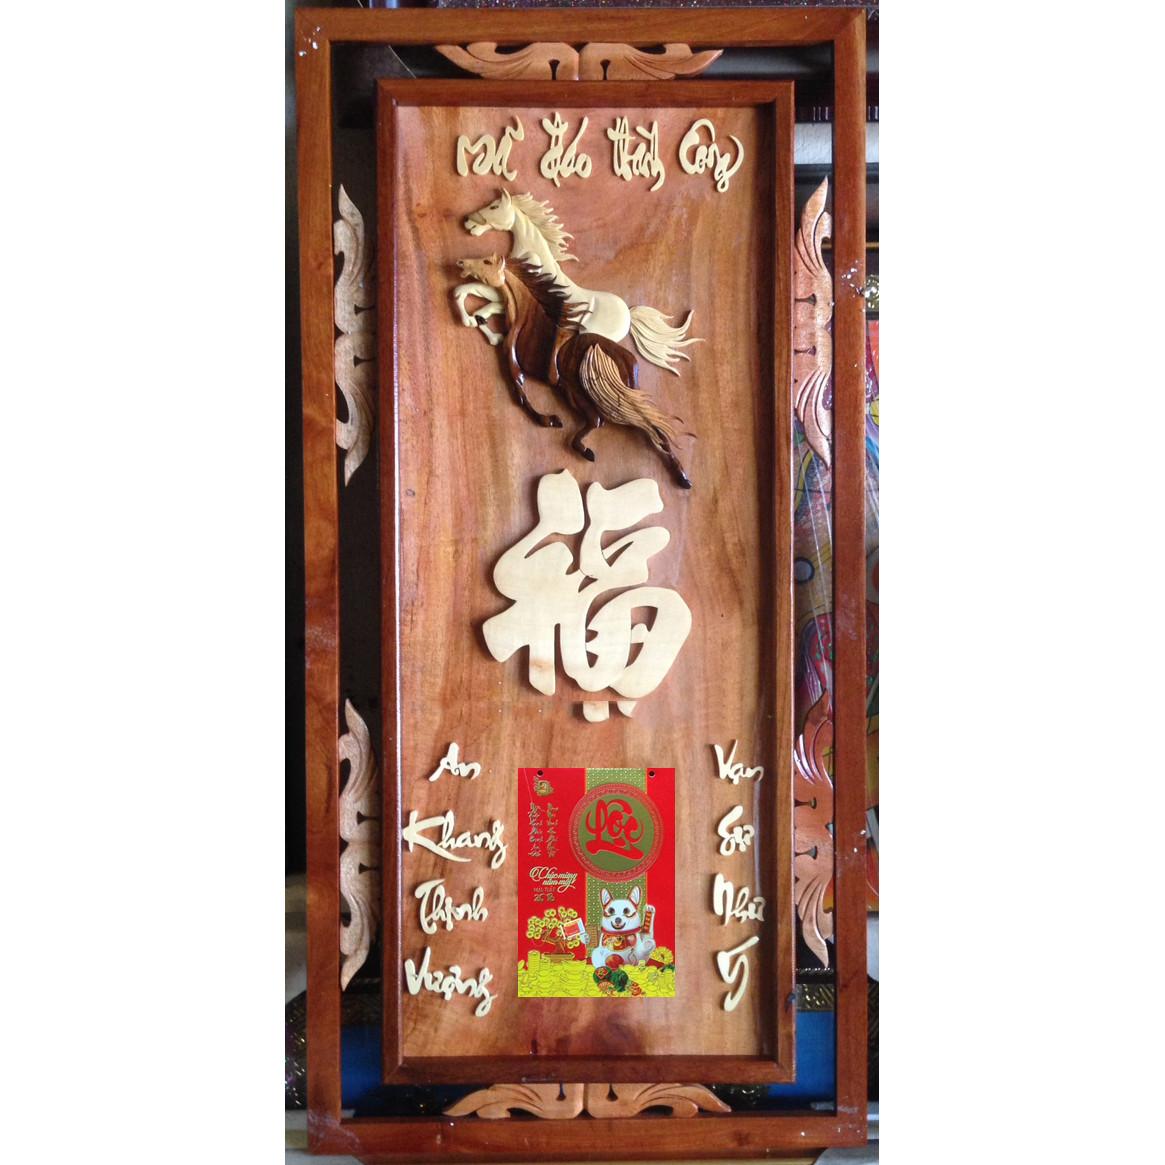 Tranh gỗ ghép treo lịch Bloc